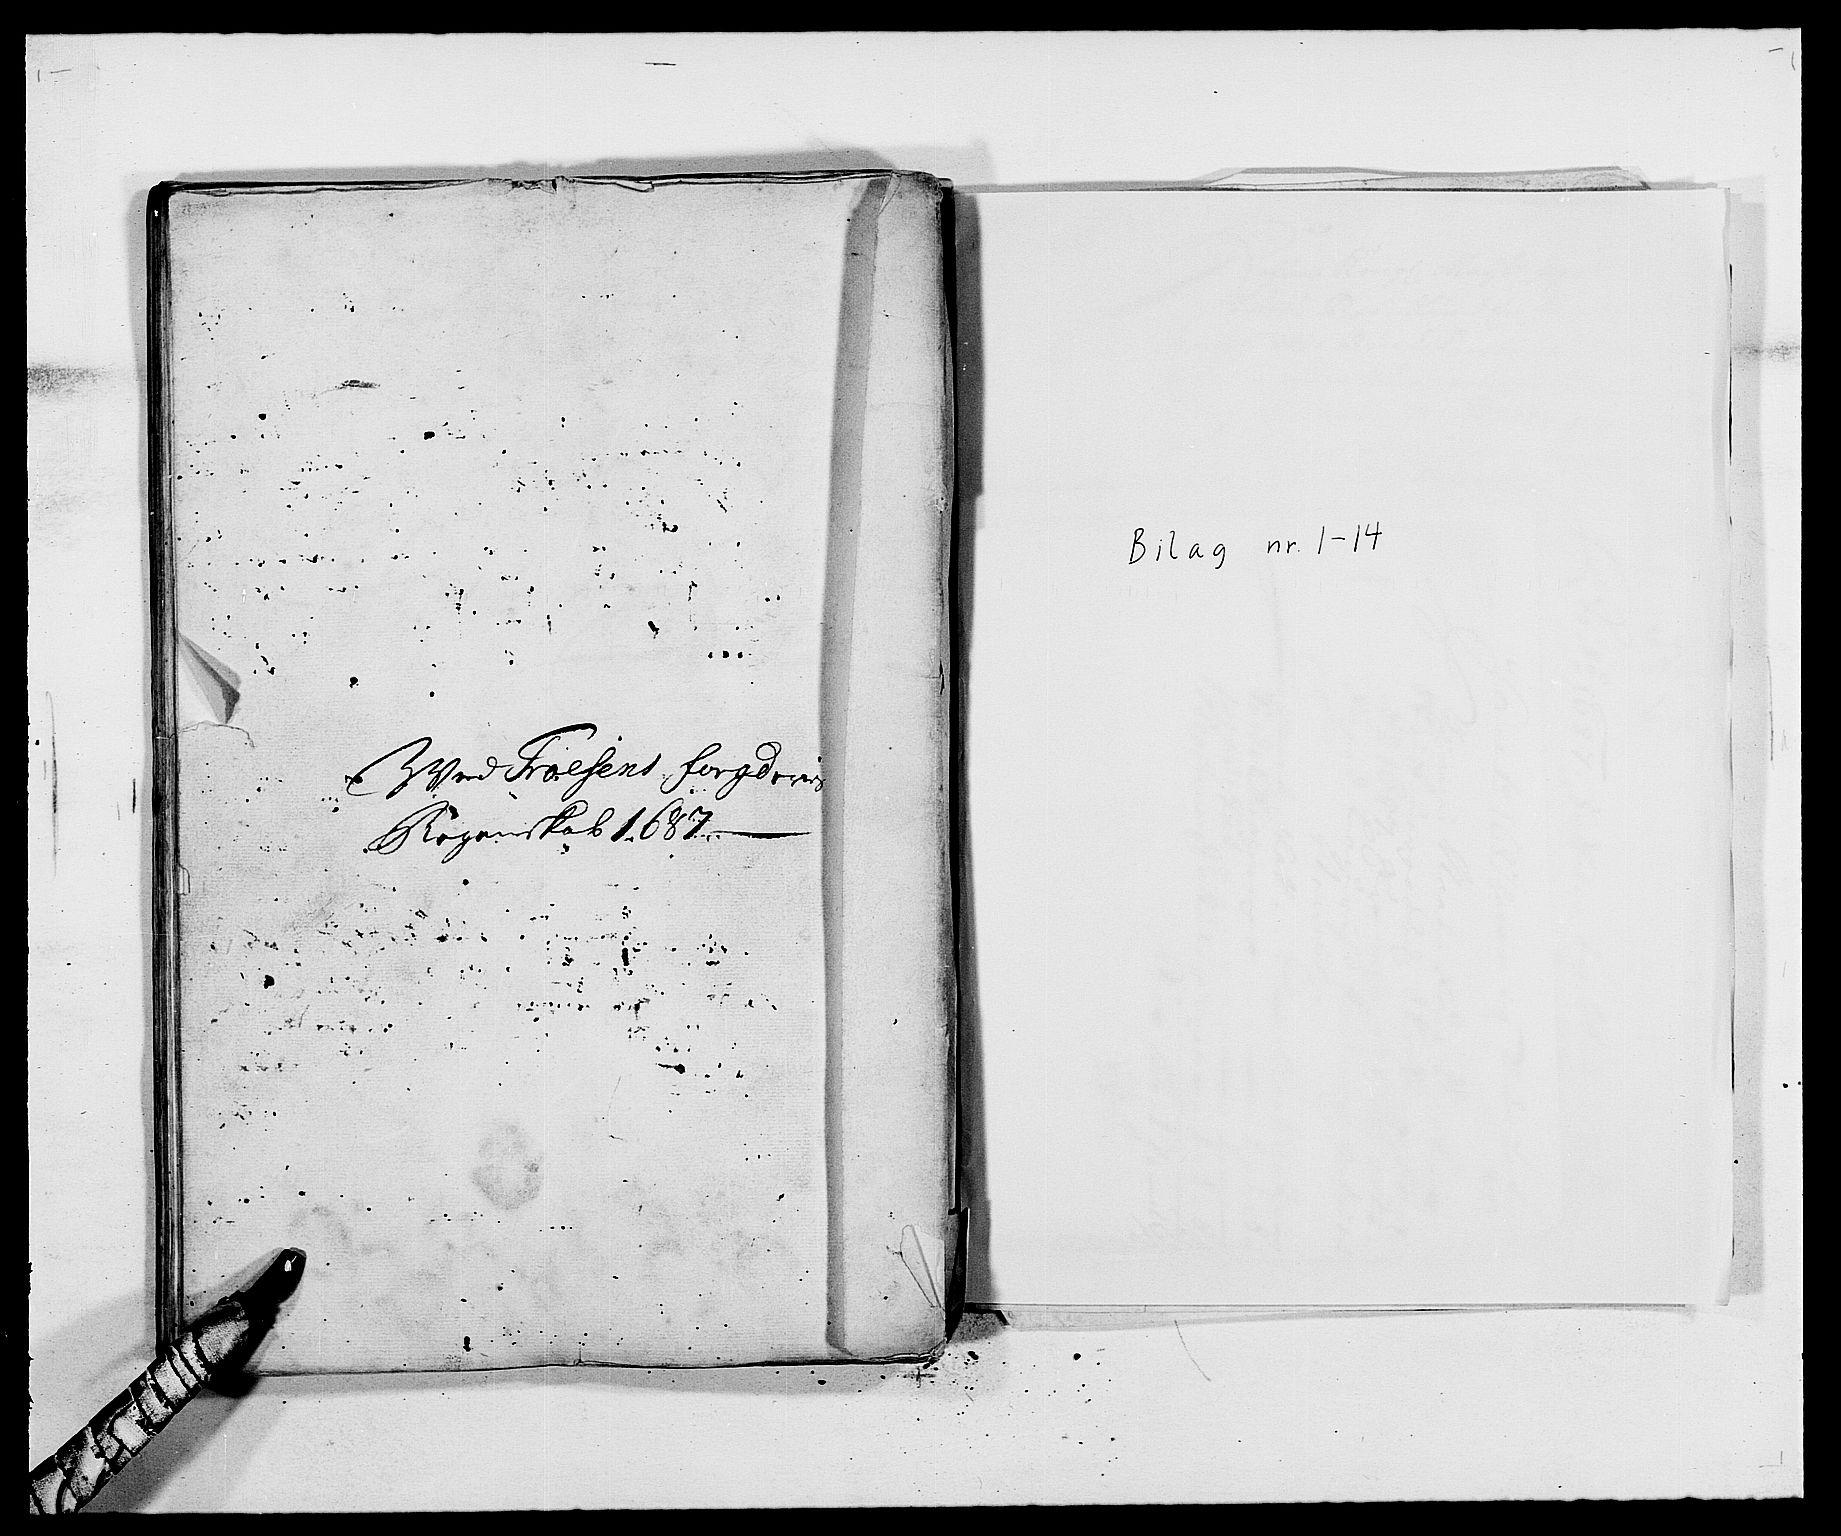 RA, Rentekammeret inntil 1814, Reviderte regnskaper, Fogderegnskap, R57/L3845: Fogderegnskap Fosen, 1687, s. 202